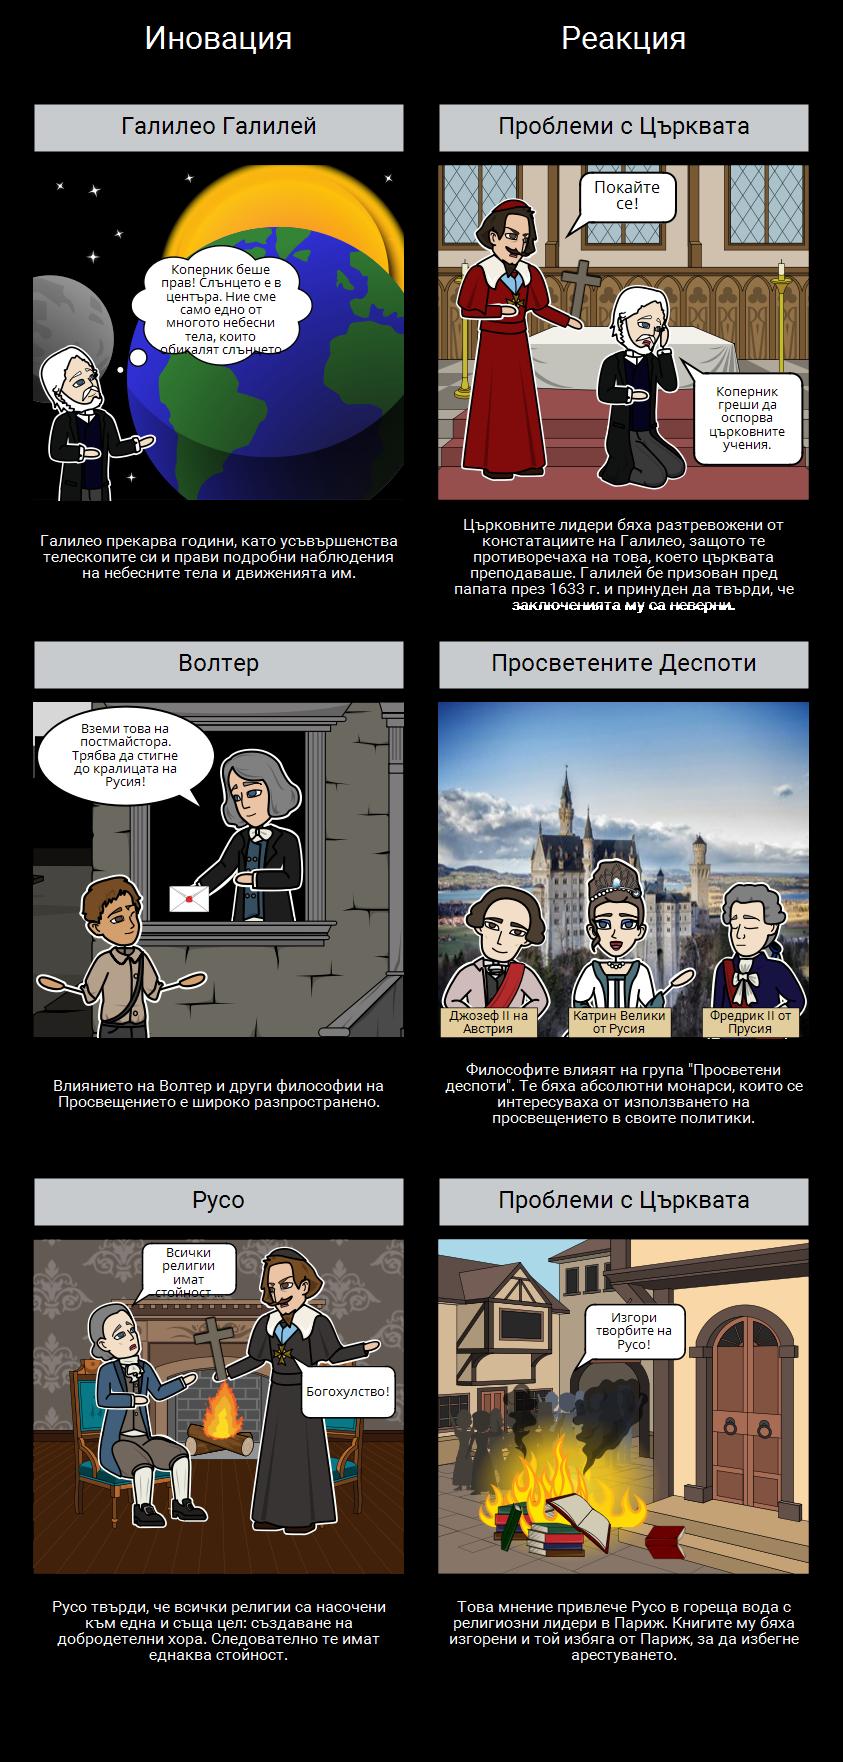 Научна Революция и Просветление: Реакции